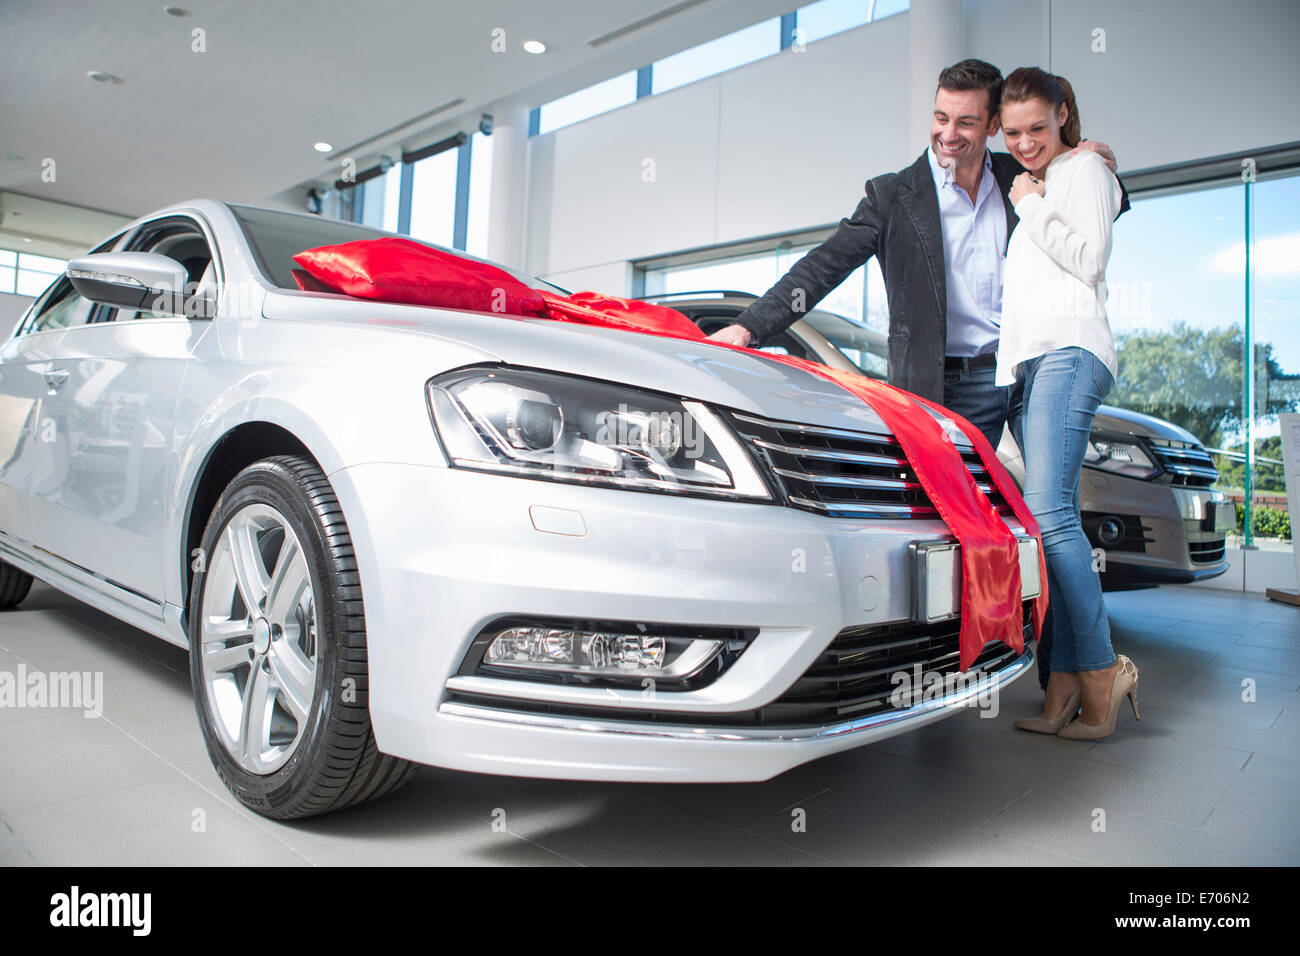 Mann mit Freundin im Autohaus Neuwagen mit roter Schleife zu betrachten Stockbild